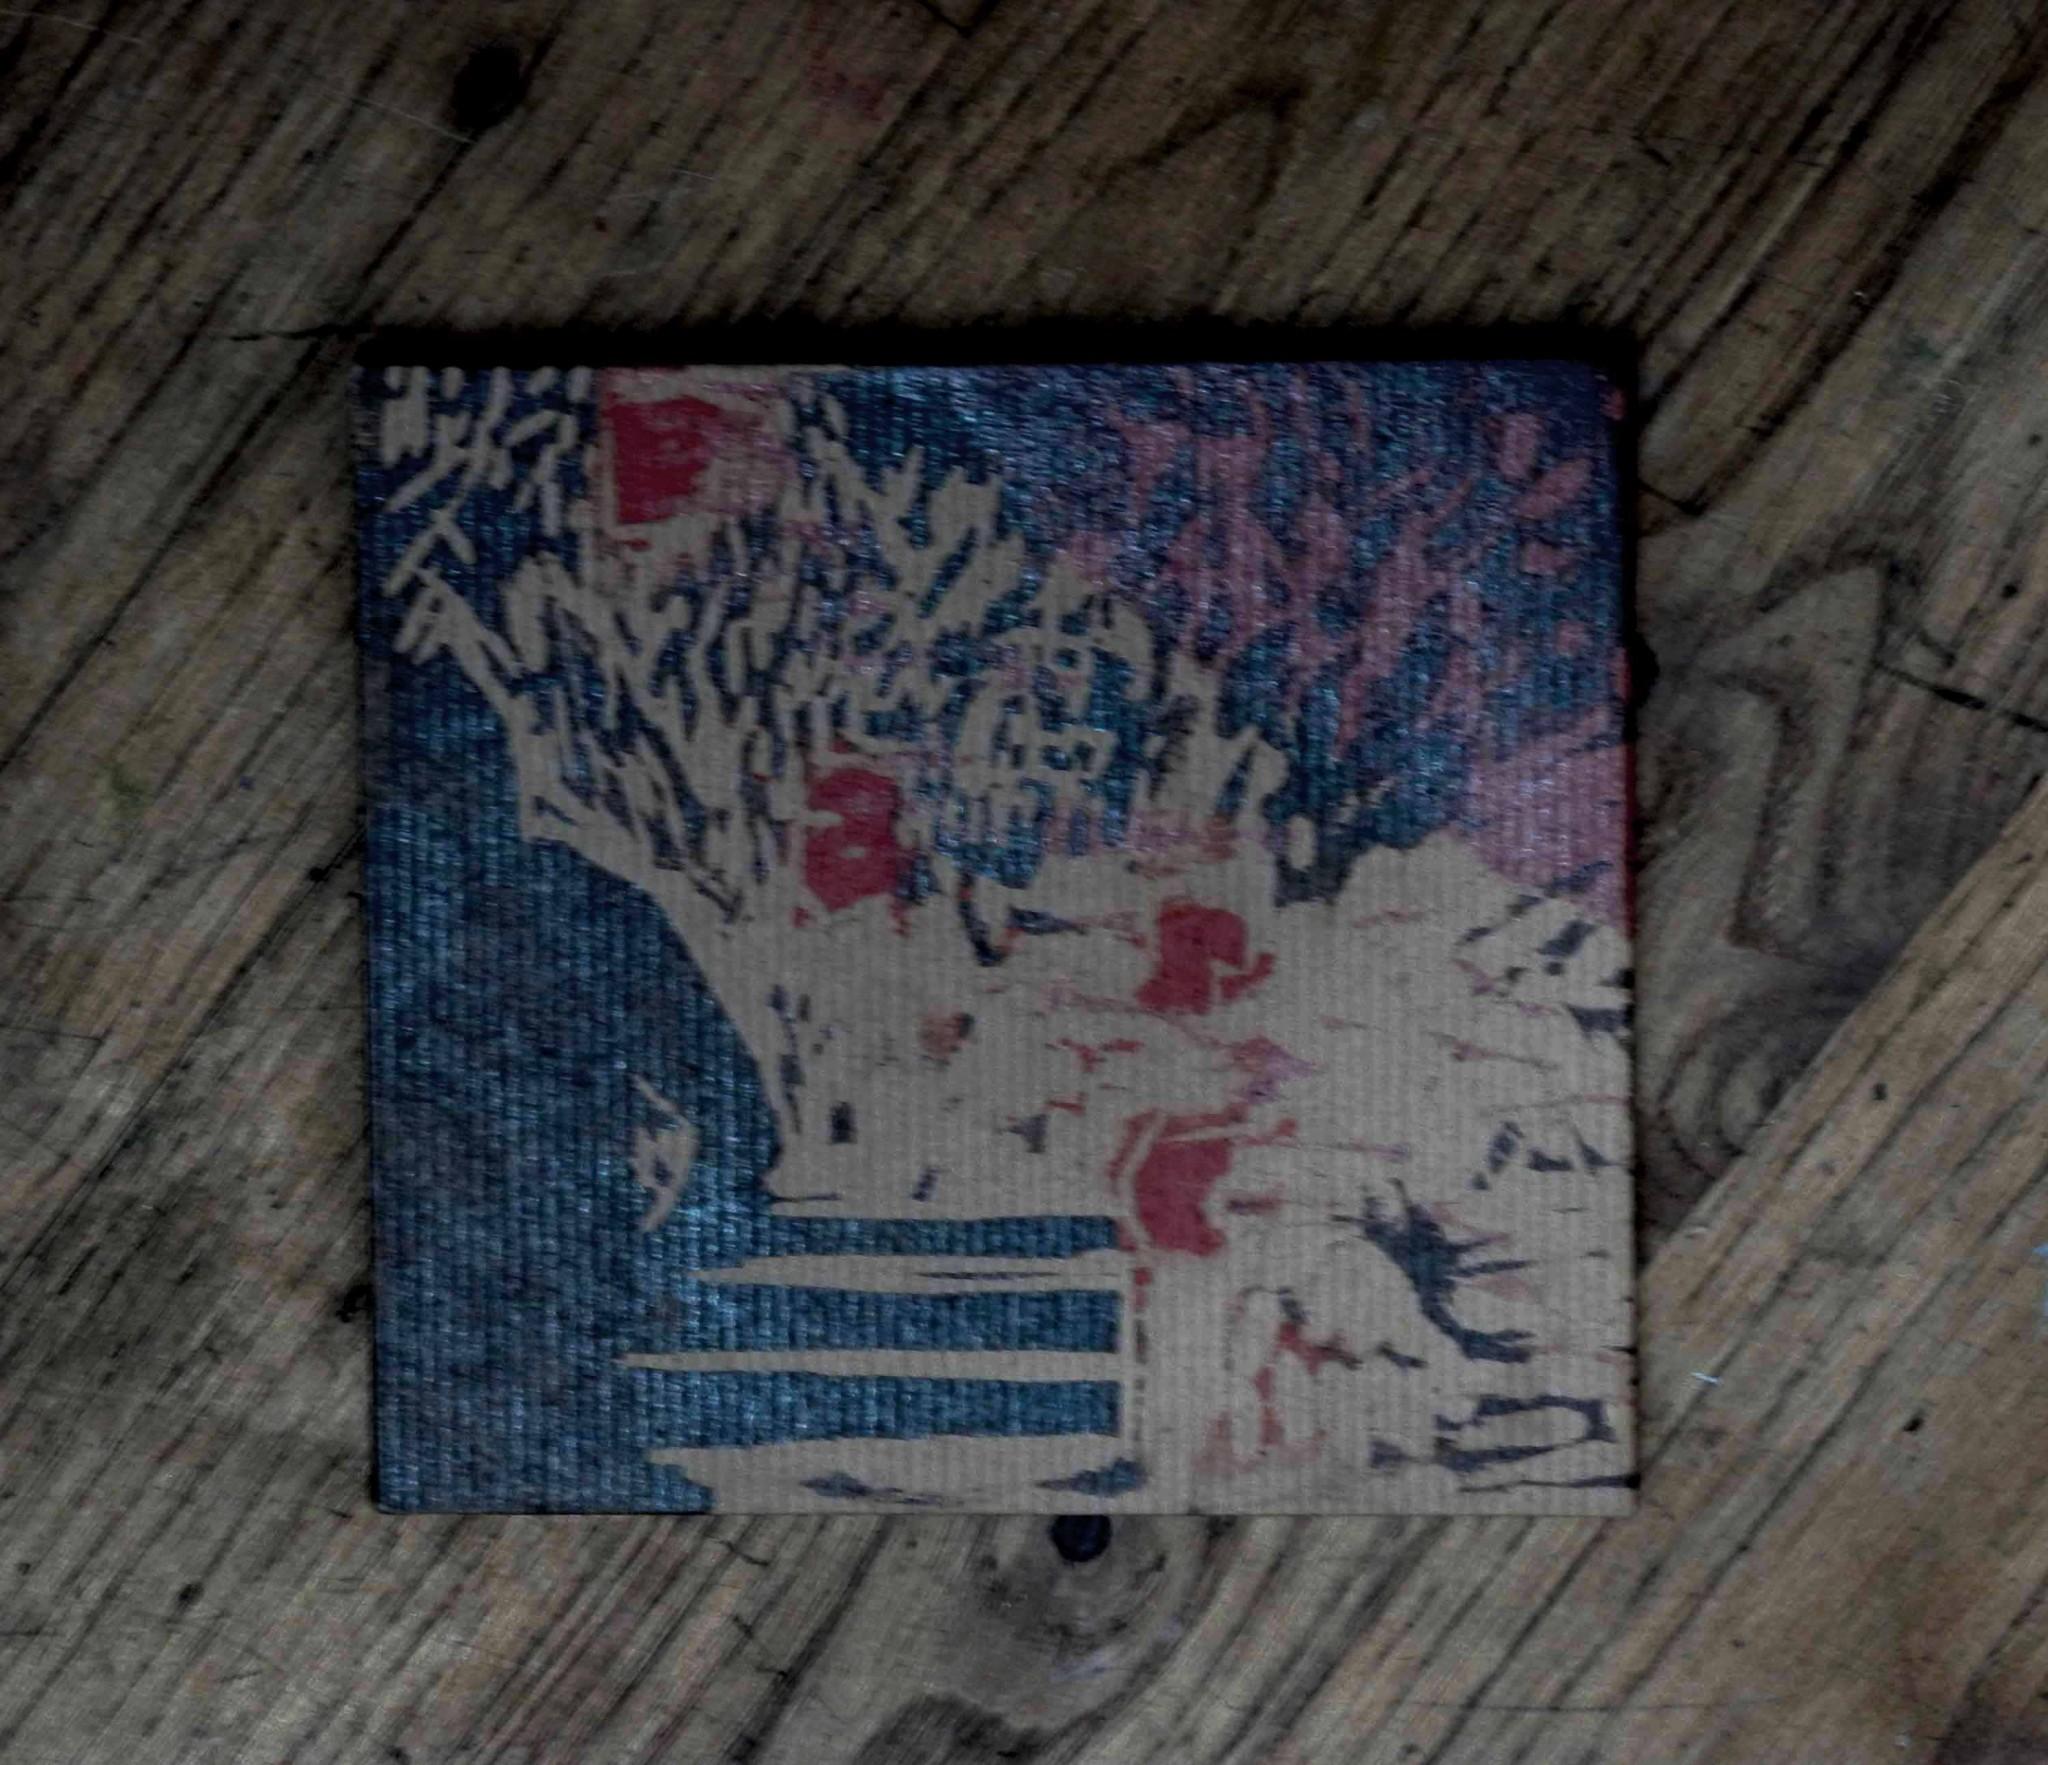 livres-dscn3199